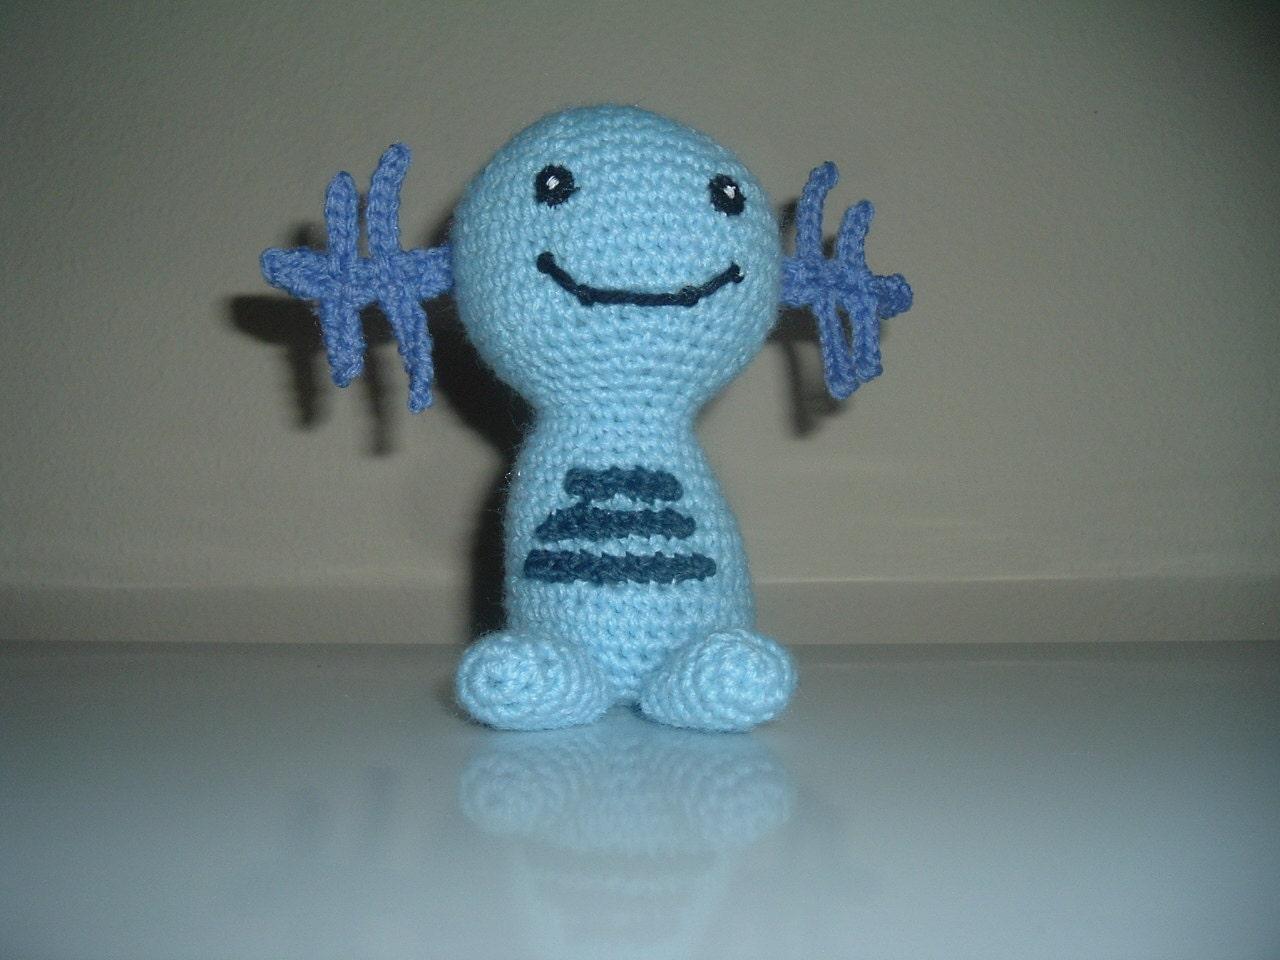 Wooper Pokemon Crochet Amigurumi by NanetteCrochet on Etsy